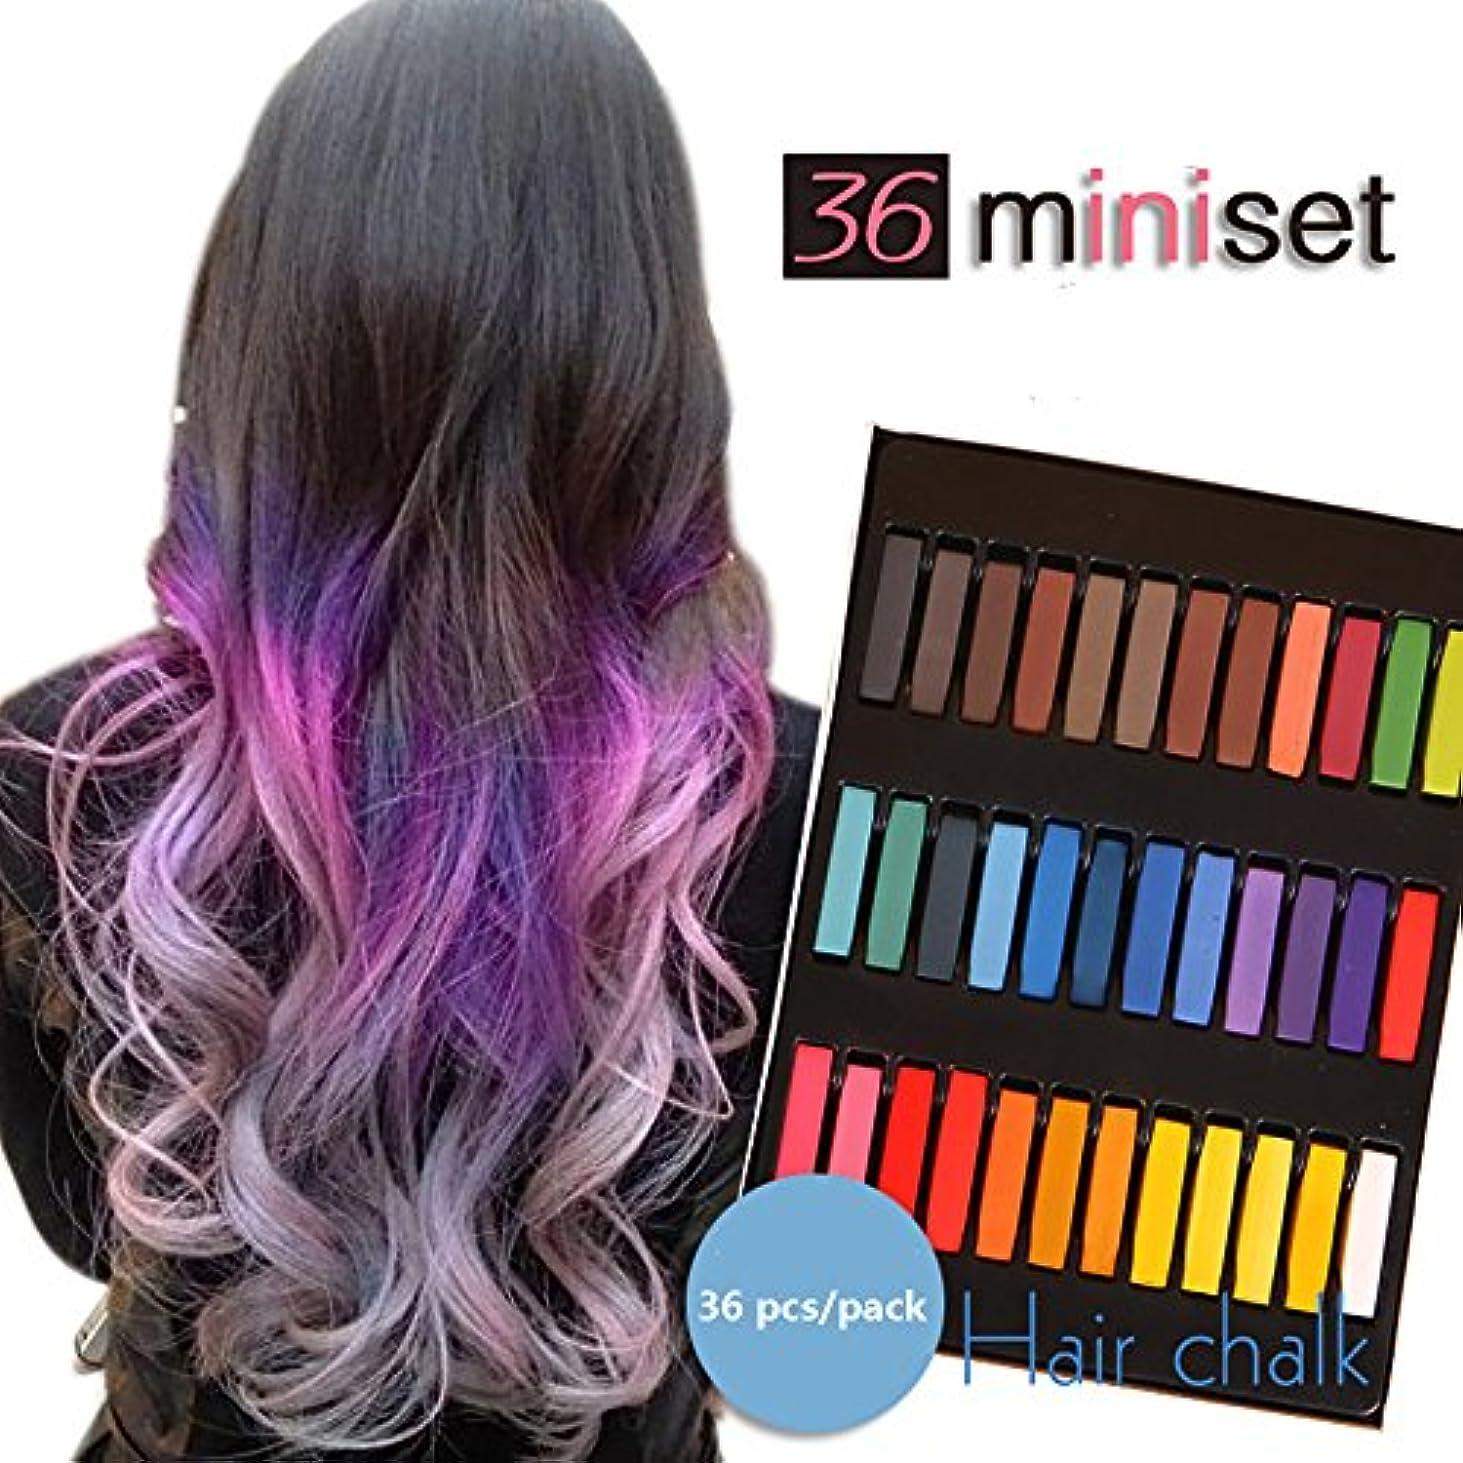 大ブレイク中!HAIR CHALKIN 選べる 6色/12色/24色/36色 髪専用に開発された安心商品! ヘアチョーク ヘアカラーチョーク 一日だけのヘアカラーでイメチェンが楽しめる!美容室のヘアカラーでは表現しづらい...